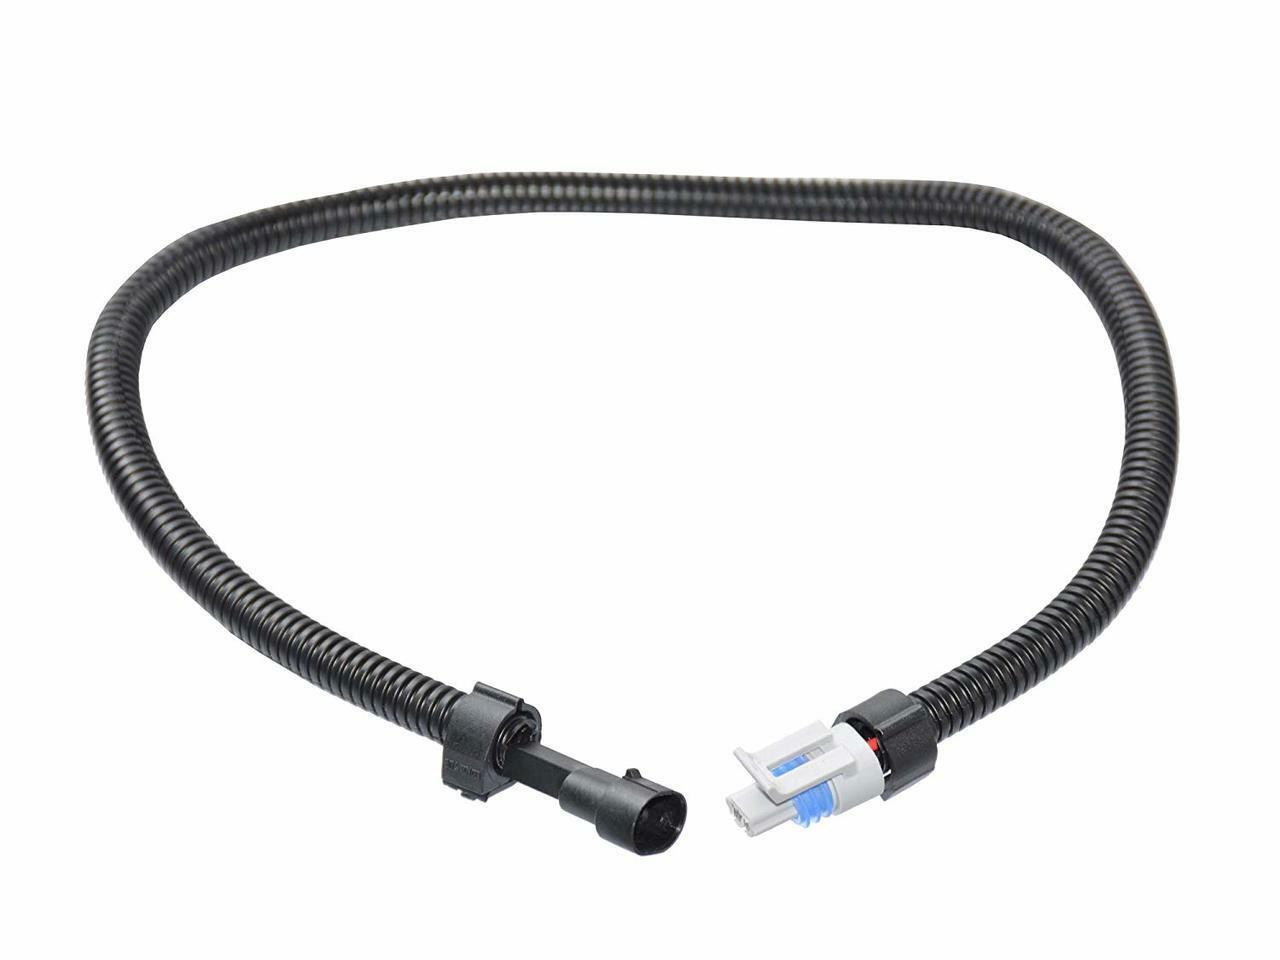 intake air temp iat mat sensor wire harness extension 36 fits gm ls1 lt1 [ 1280 x 960 Pixel ]